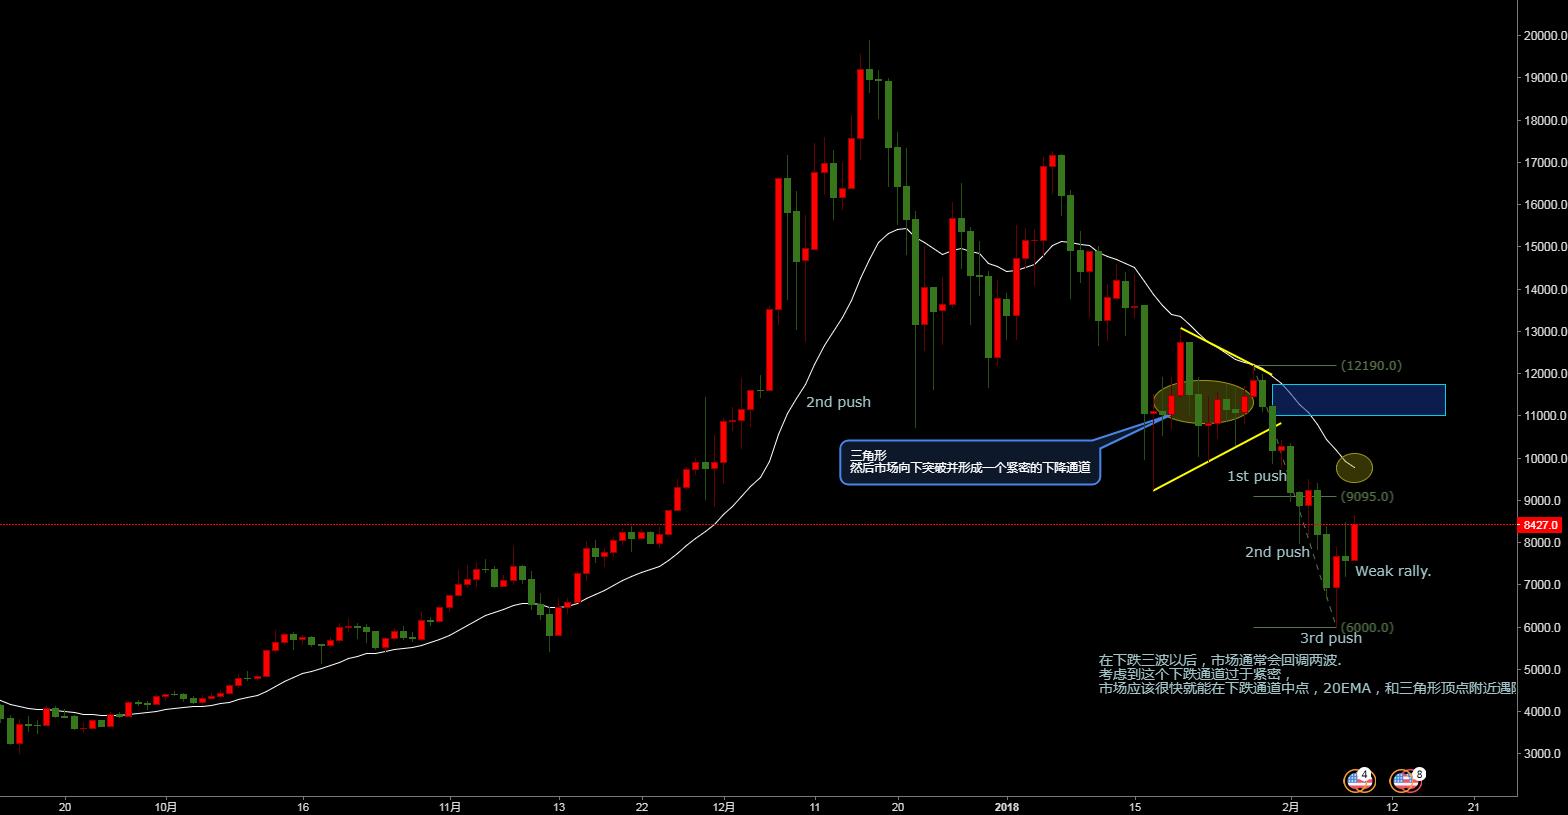 比特币日线价格行为,这波回调预计很快会见顶。